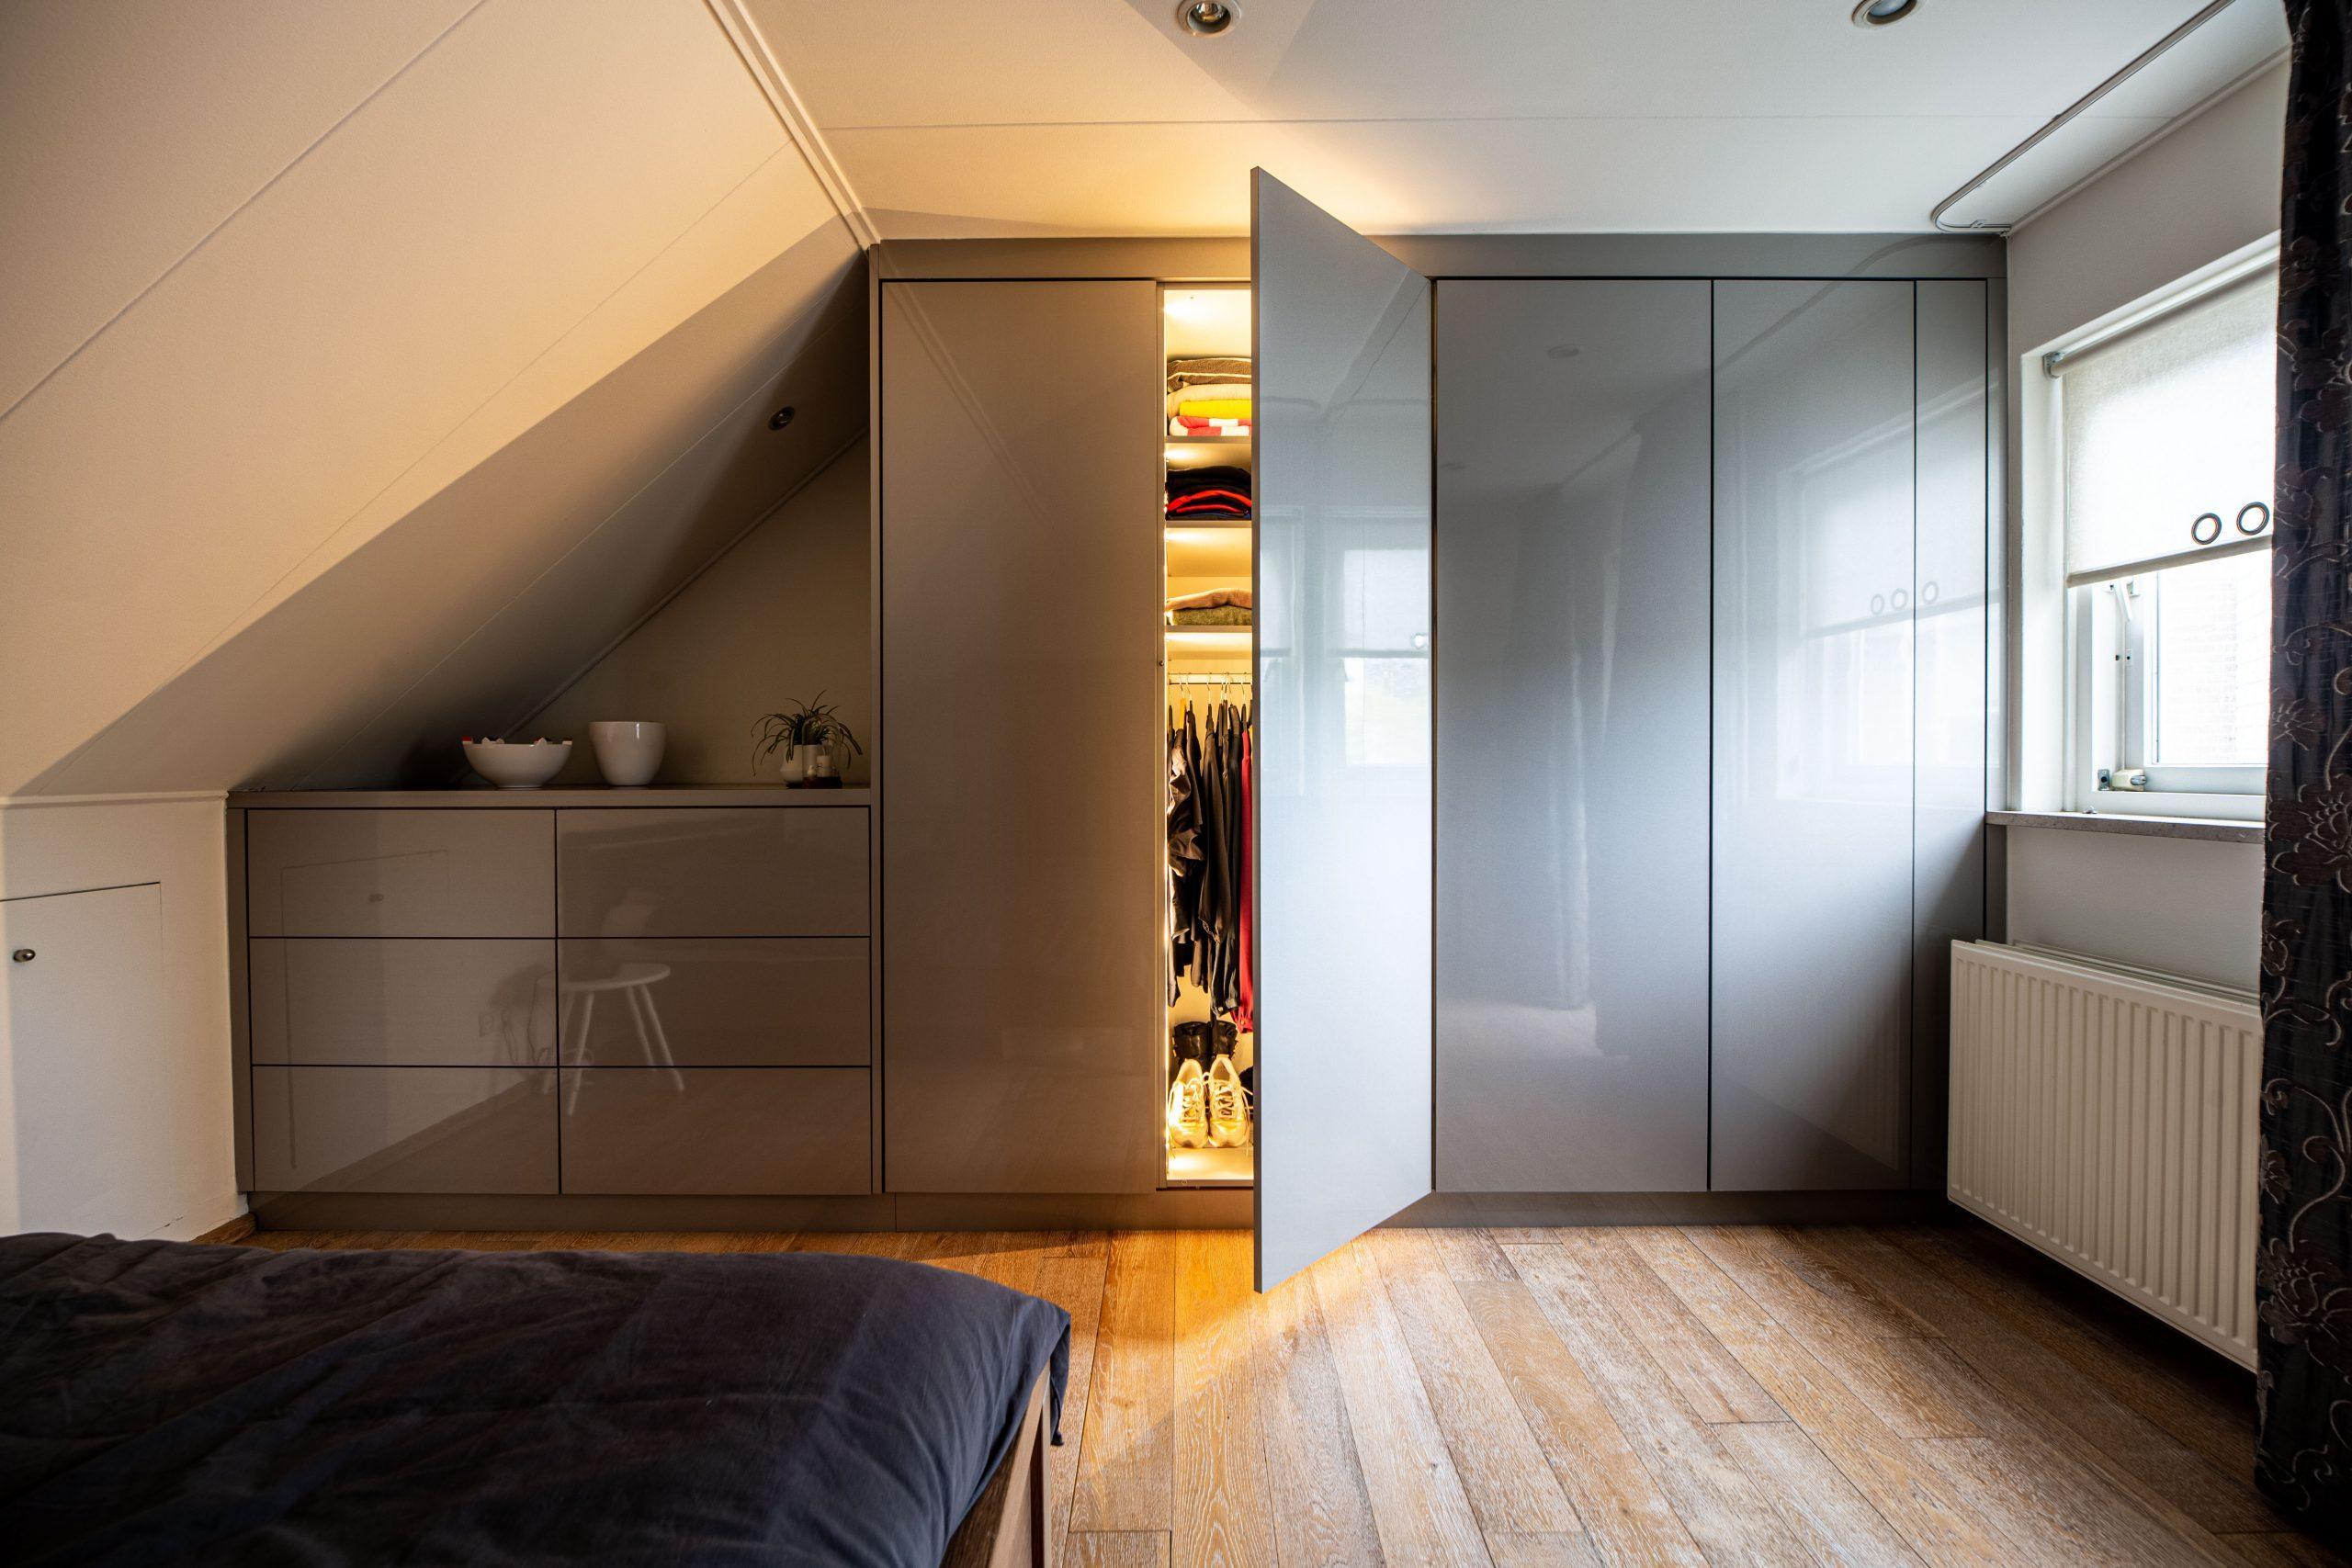 Sens Interieurs- kastruimte slaapkamers - galerij3